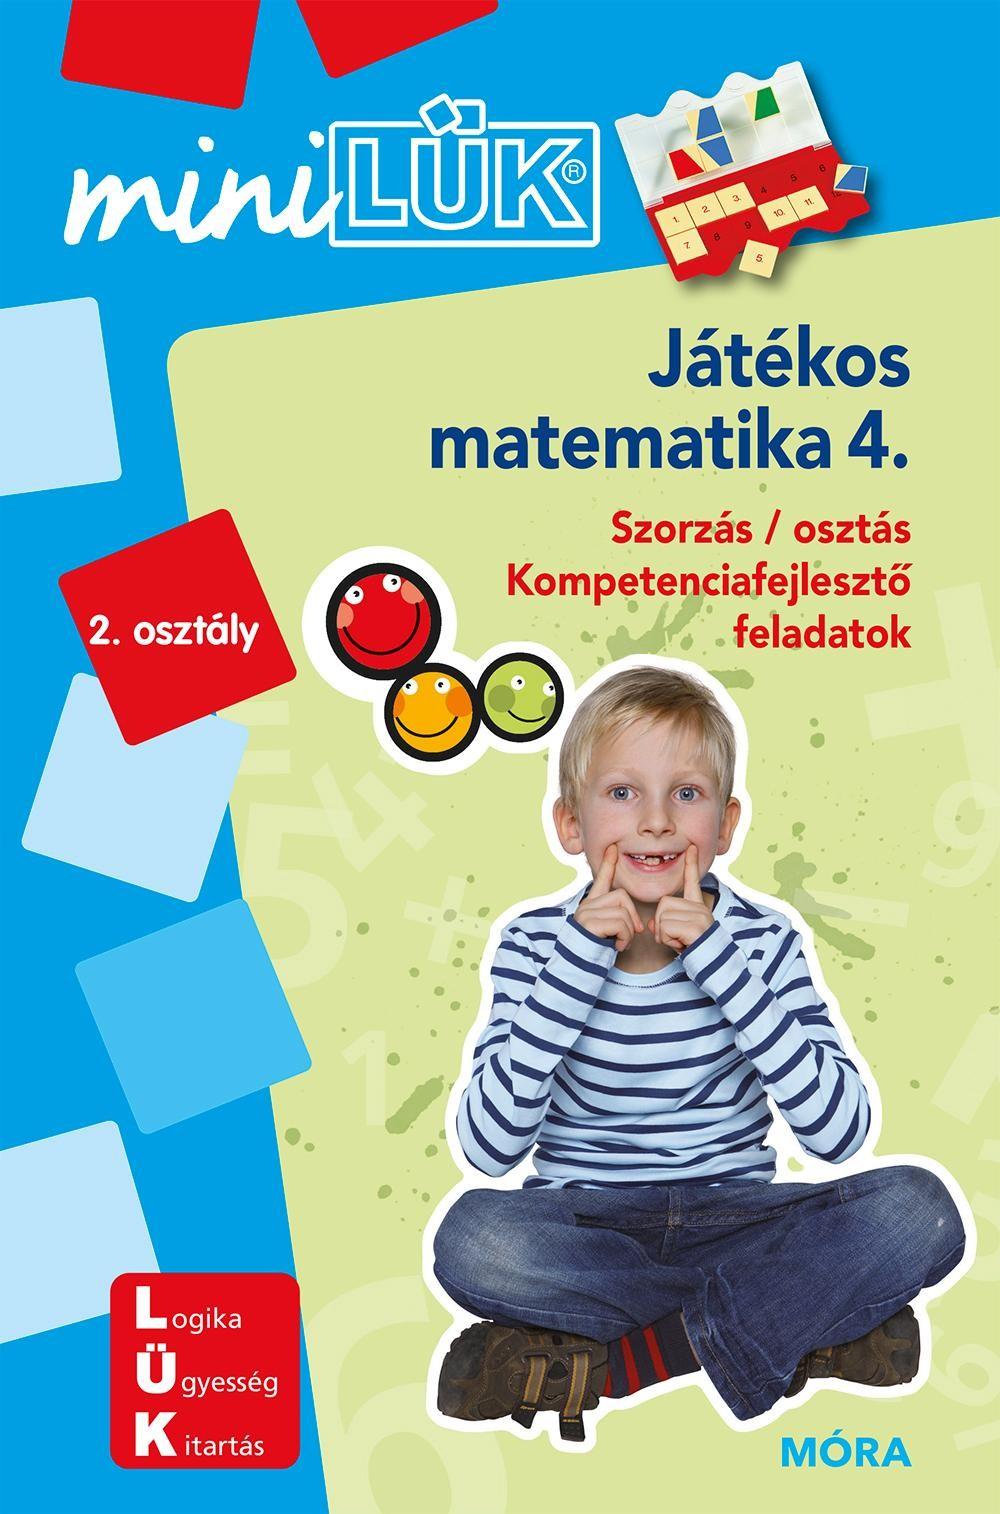 Játékos matematika 4. LDI221 - miniLÜK